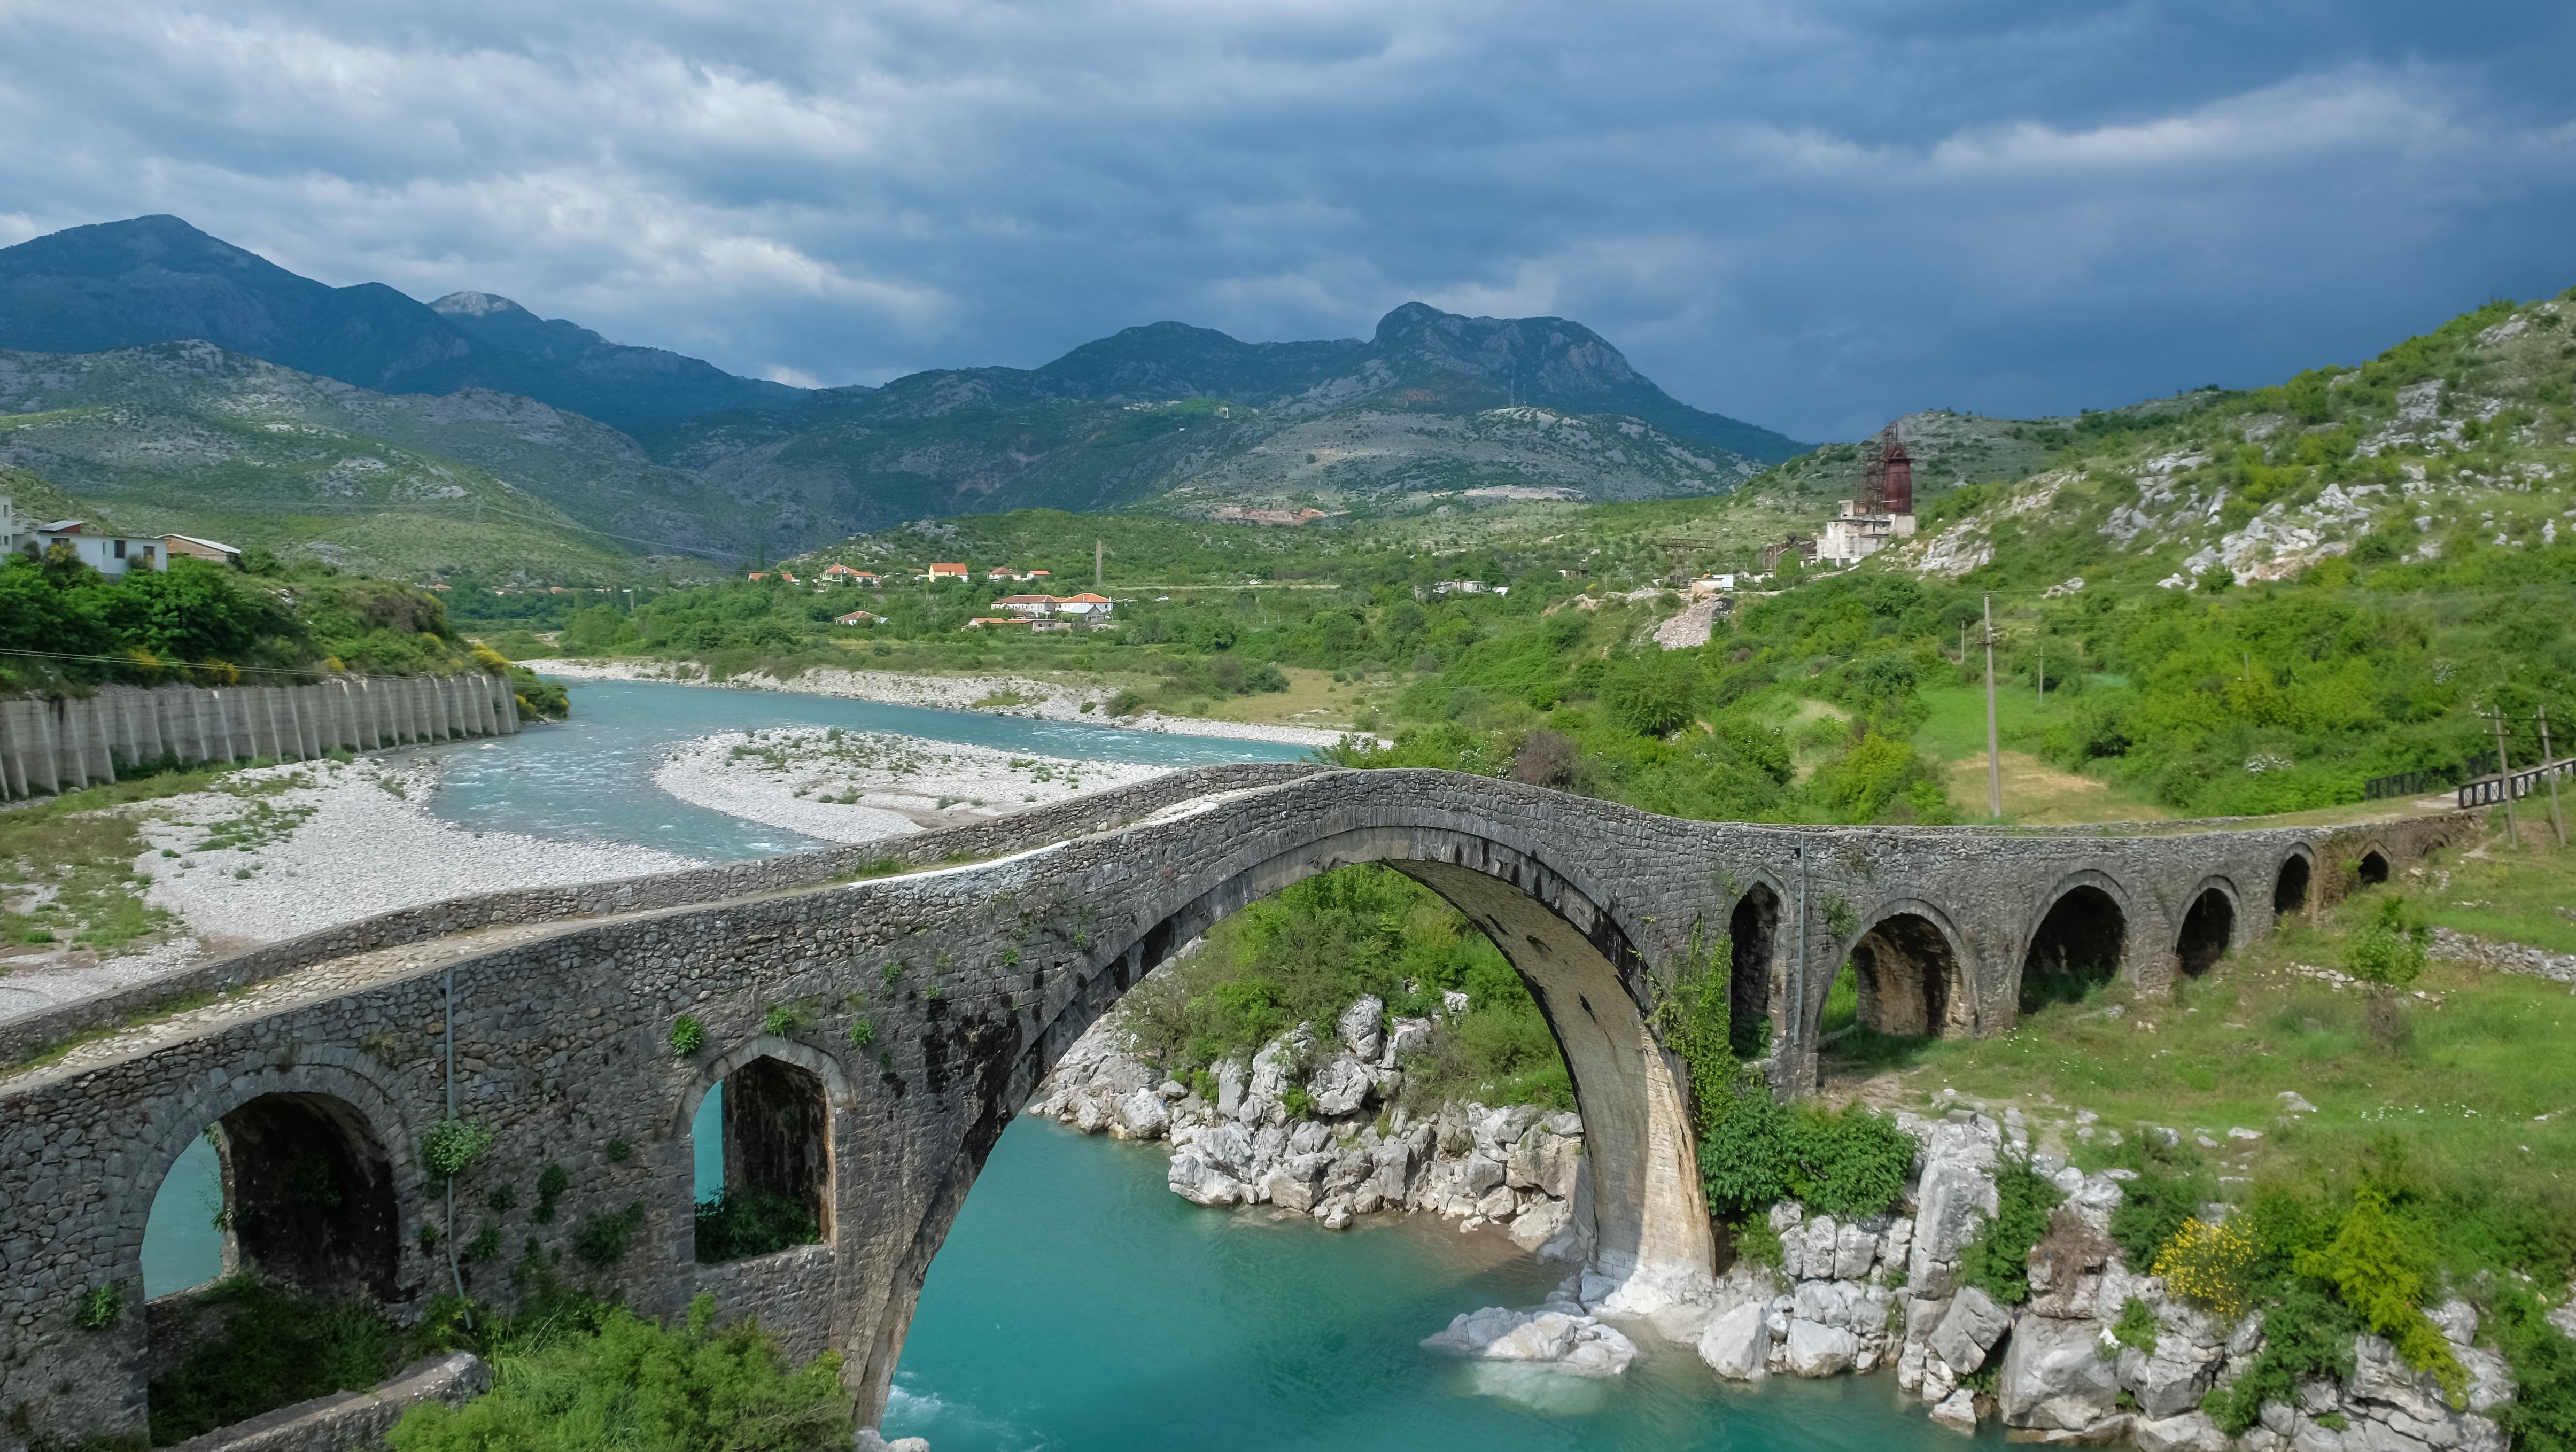 scenic photo of Albania